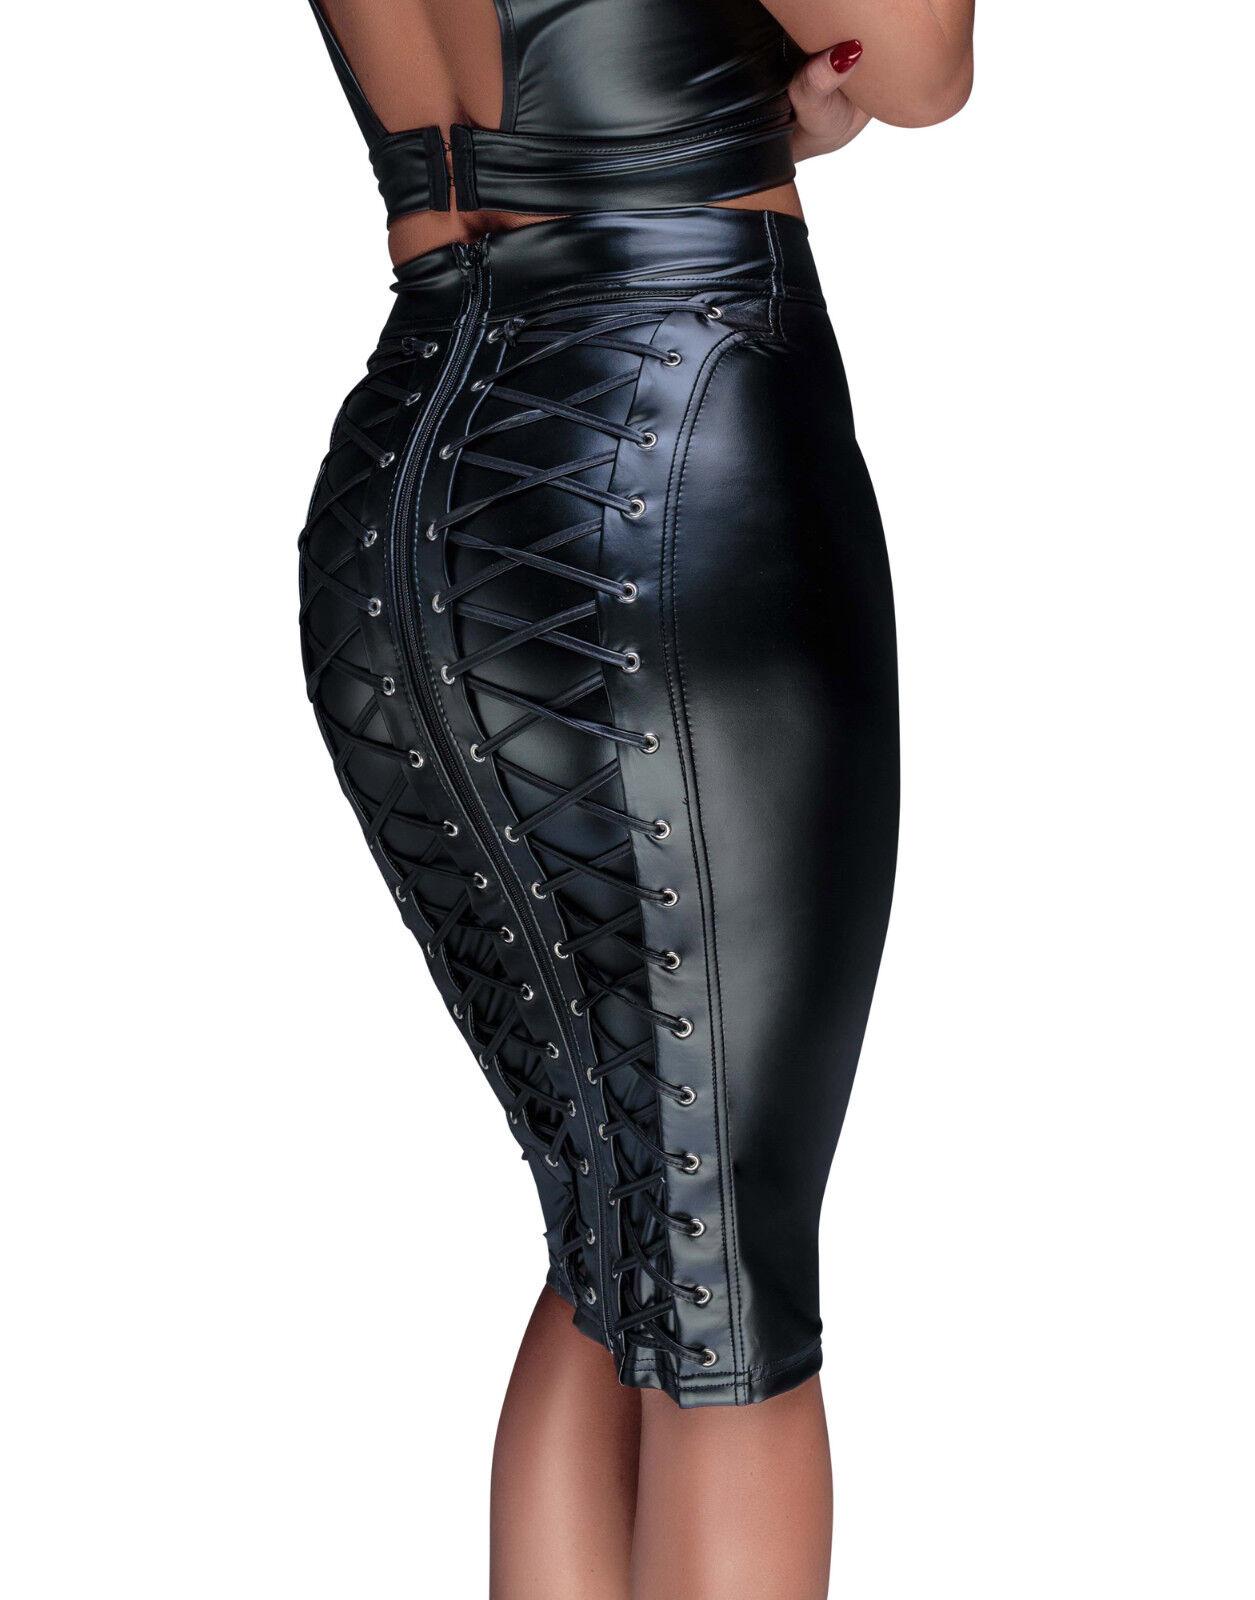 Sexy Wetlook Jupe schwarz dominarock Lacets Plus Größe Grande Größe S à 3 XL